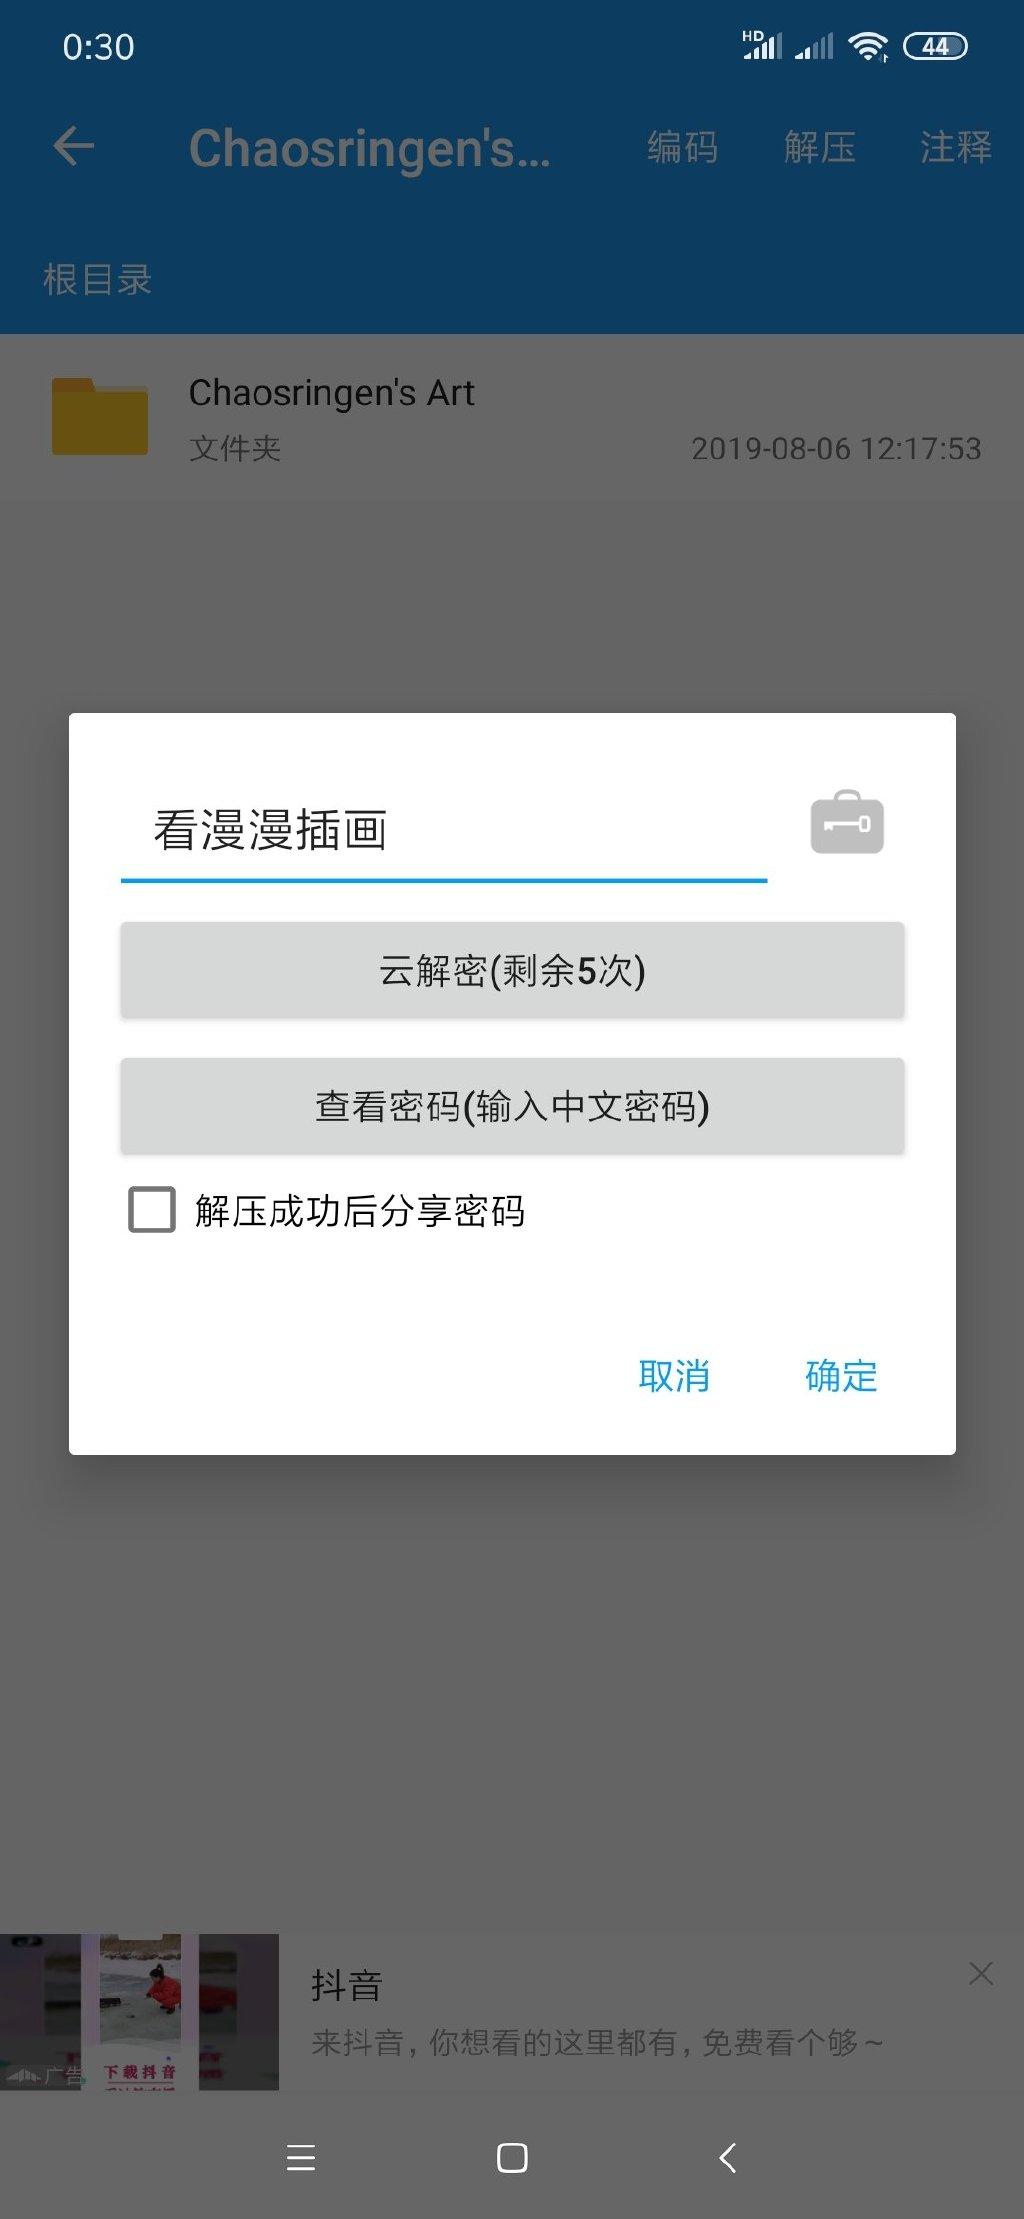 【公告】压缩文件解压密码说明